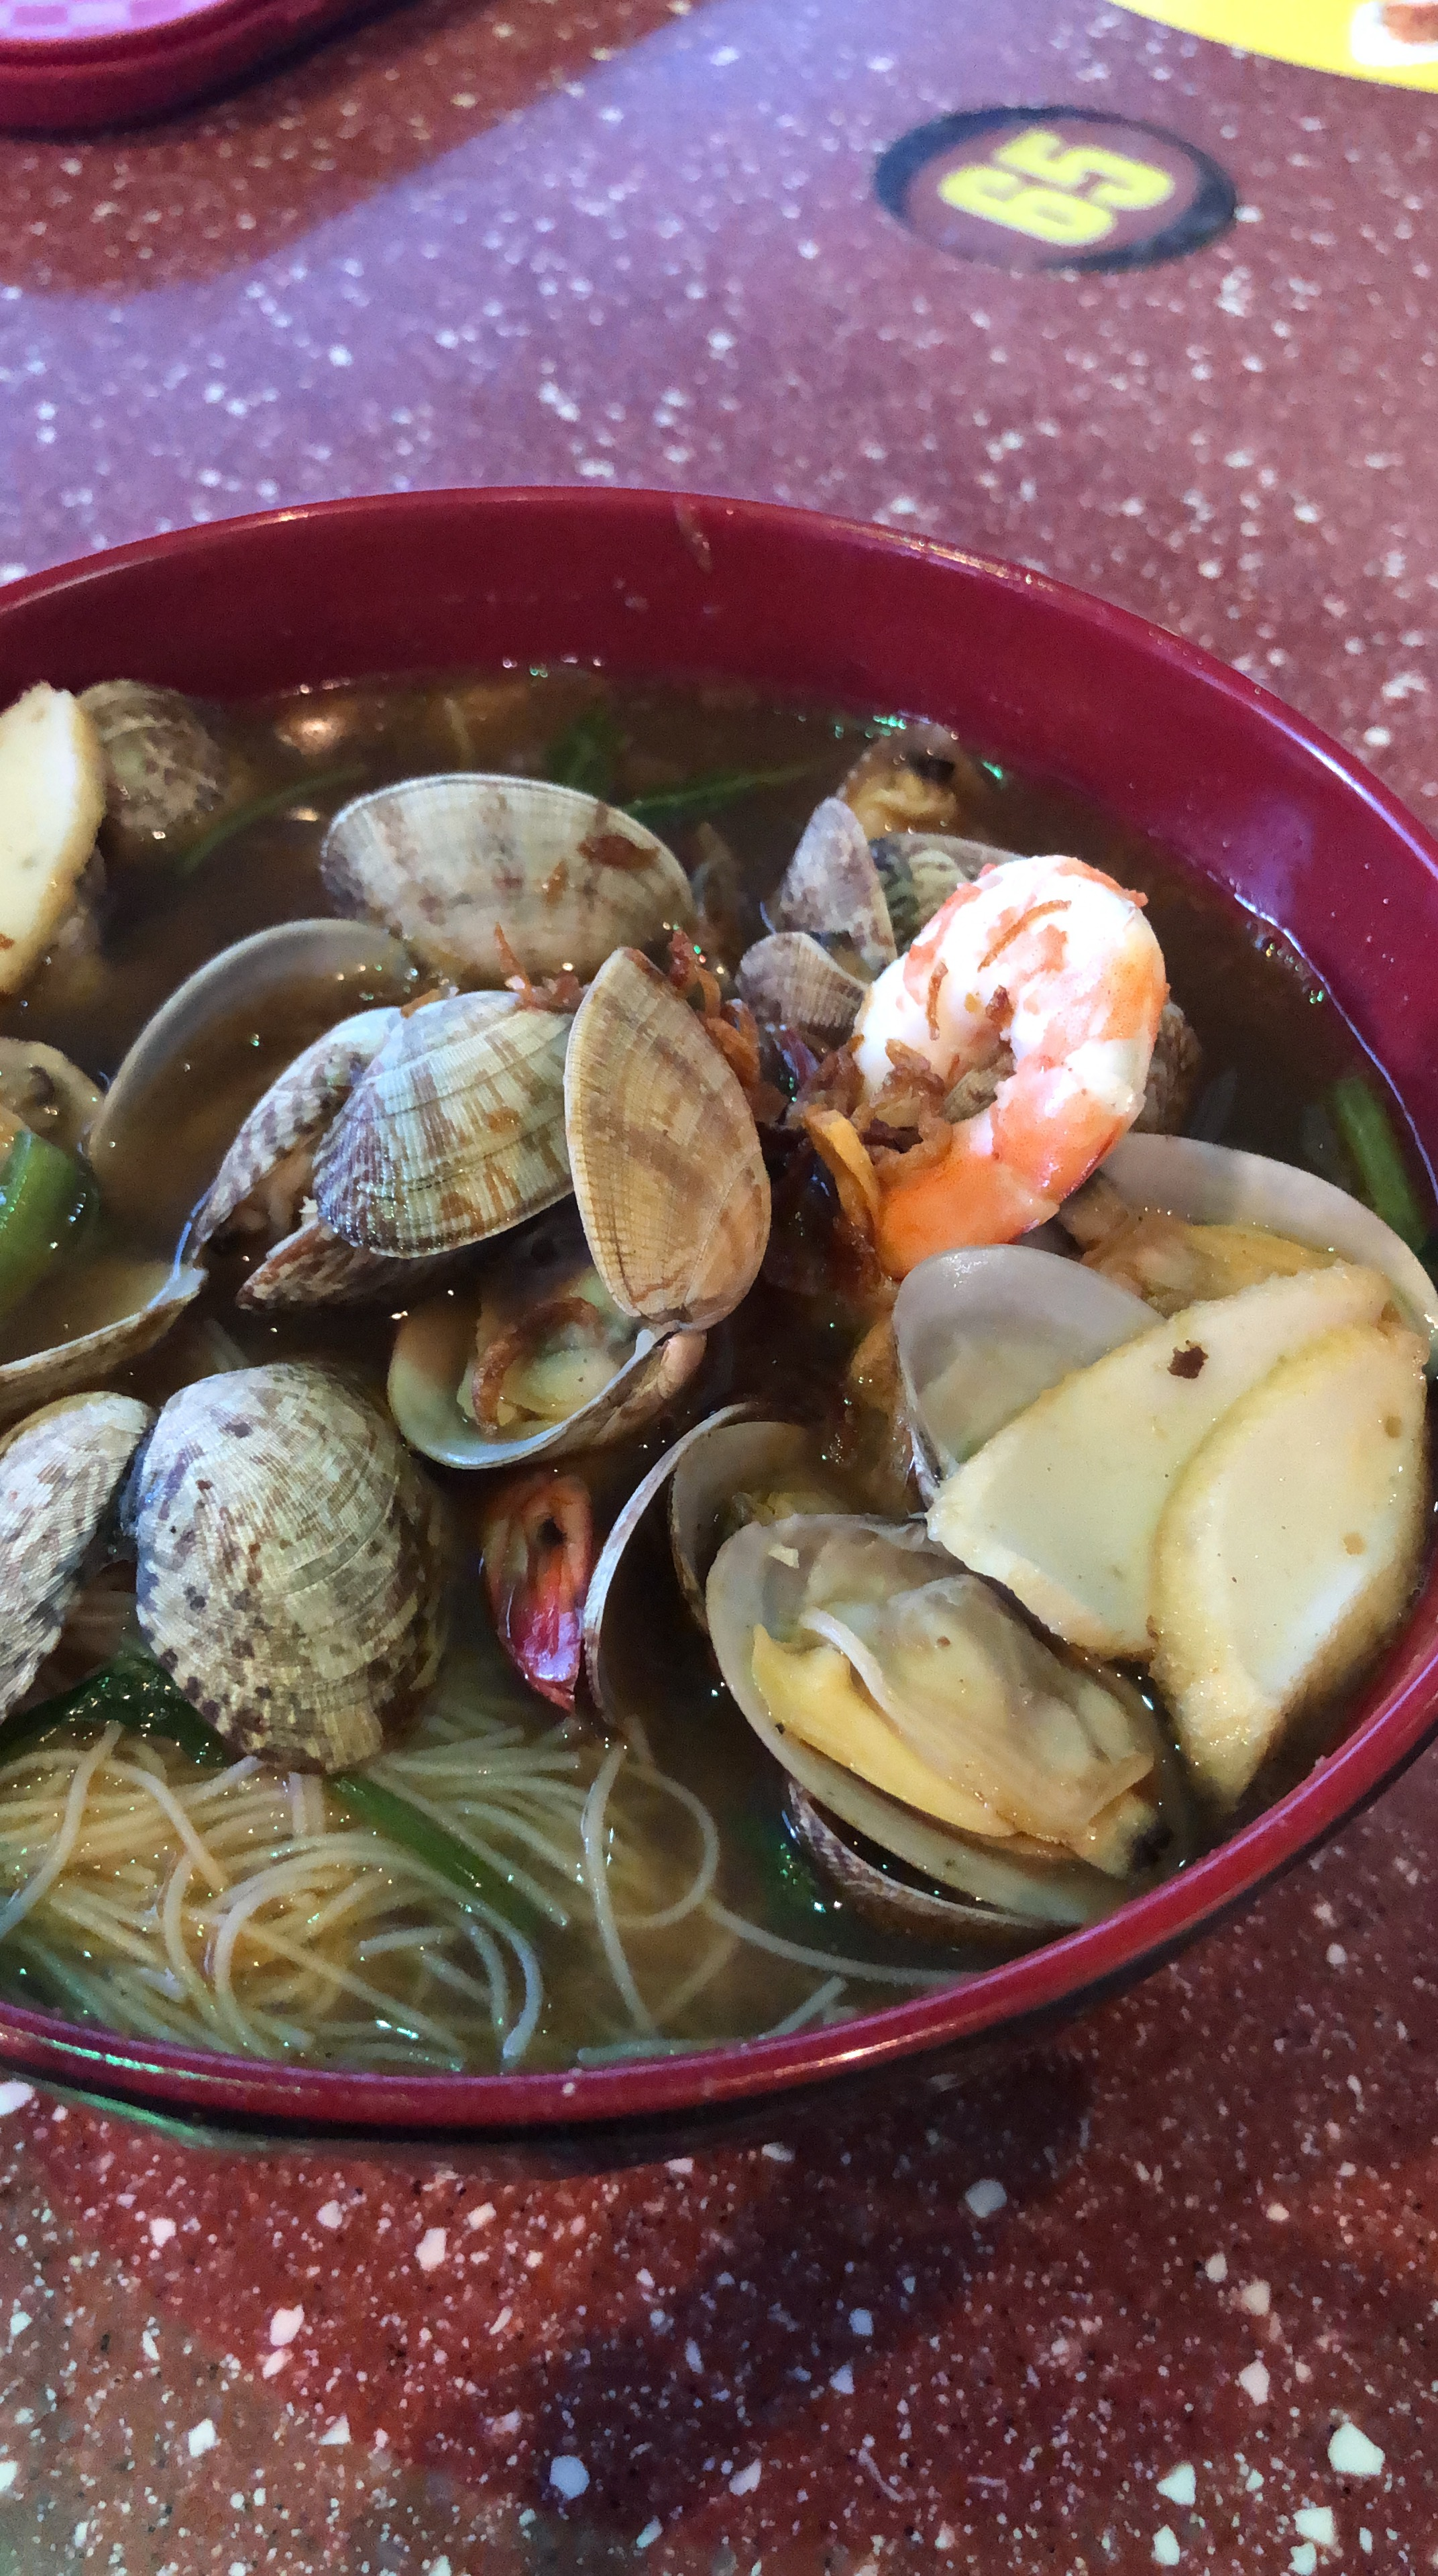 Deannas_Kitchen_Prawn_Noodles_Clams3